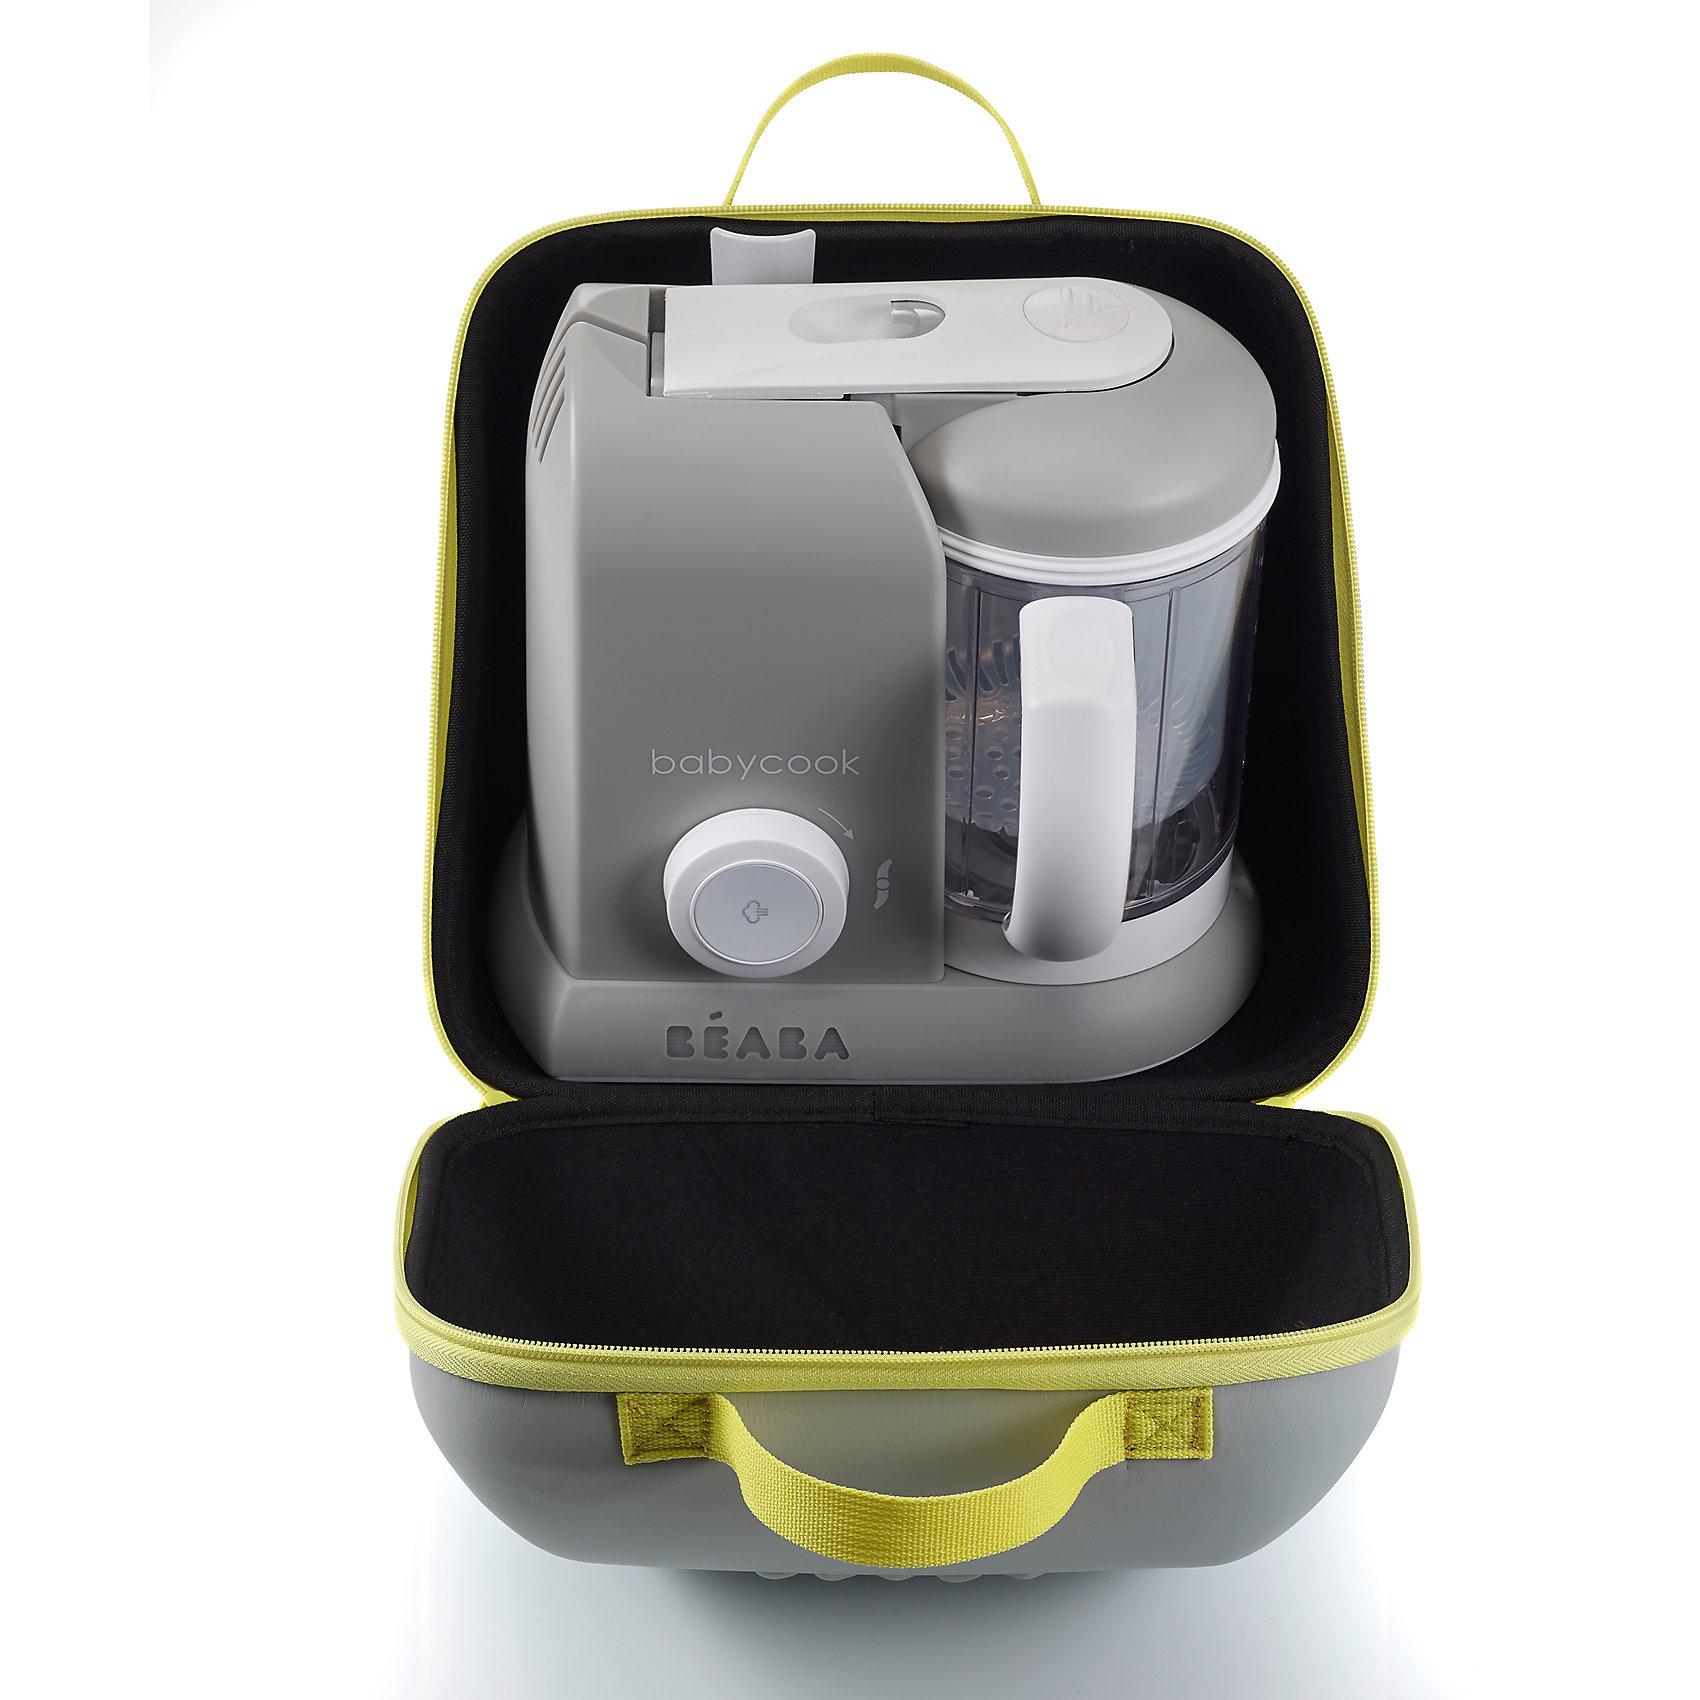 Сумка для блендера-пароварки Babycook, Beaba, серый-желтыйТехника для кухни<br>Сумка для блендера-пароварки Babycook, Beaba (Беаба), серый-желтый<br><br>Характеристики:<br><br>• отлично подойдет для поездок и путешествий<br>• подходит для всех моделей пароварок Babycook Solo<br>• ударопрочный каркас<br>• двойная застежка-молния<br>• две удобные ручки<br>• внутренний карман и две перегородки<br>• материал: пластик, текстиль<br>• размер: 40х18х24 см<br>• вес: 300 грамм<br>• цвет: серый-желтый<br><br>Блендер-пароварка - незаменимая вещь для хозяек. С сумкой для блендера-пароварки вы всегда сможете взять любимую технику с собой, чтобы у малыша была вкусная и здоровая еда. Она изготовлена из надежного ударопрочного материала. Оснащена двумя удобными ручками и двойной застежкой молнией. Внутри есть карман на молнии и две перегородки. Сумка подходит ко всем всех моделей Babycook Solo.<br><br>Сумку для блендера-пароварки Babycook, Beaba (Беаба), серый-желтый вы можете купить в нашем интернет-магазине.<br><br>Ширина мм: 265<br>Глубина мм: 215<br>Высота мм: 255<br>Вес г: 360<br>Возраст от месяцев: 4<br>Возраст до месяцев: 2147483647<br>Пол: Унисекс<br>Возраст: Детский<br>SKU: 5445721